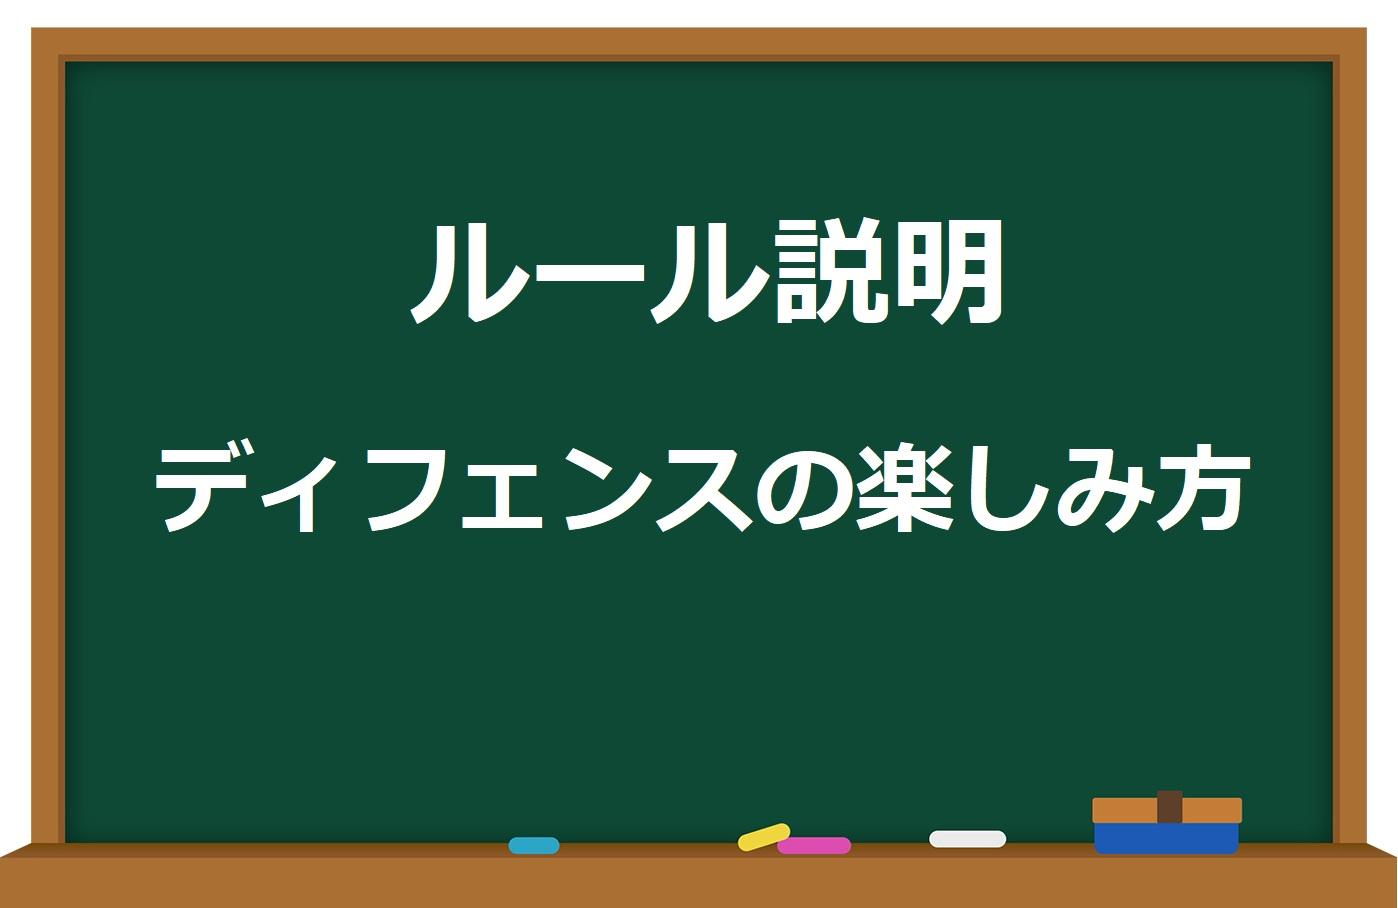 【ルール解説】ディフェンスのルールとビッグプレーを解説!